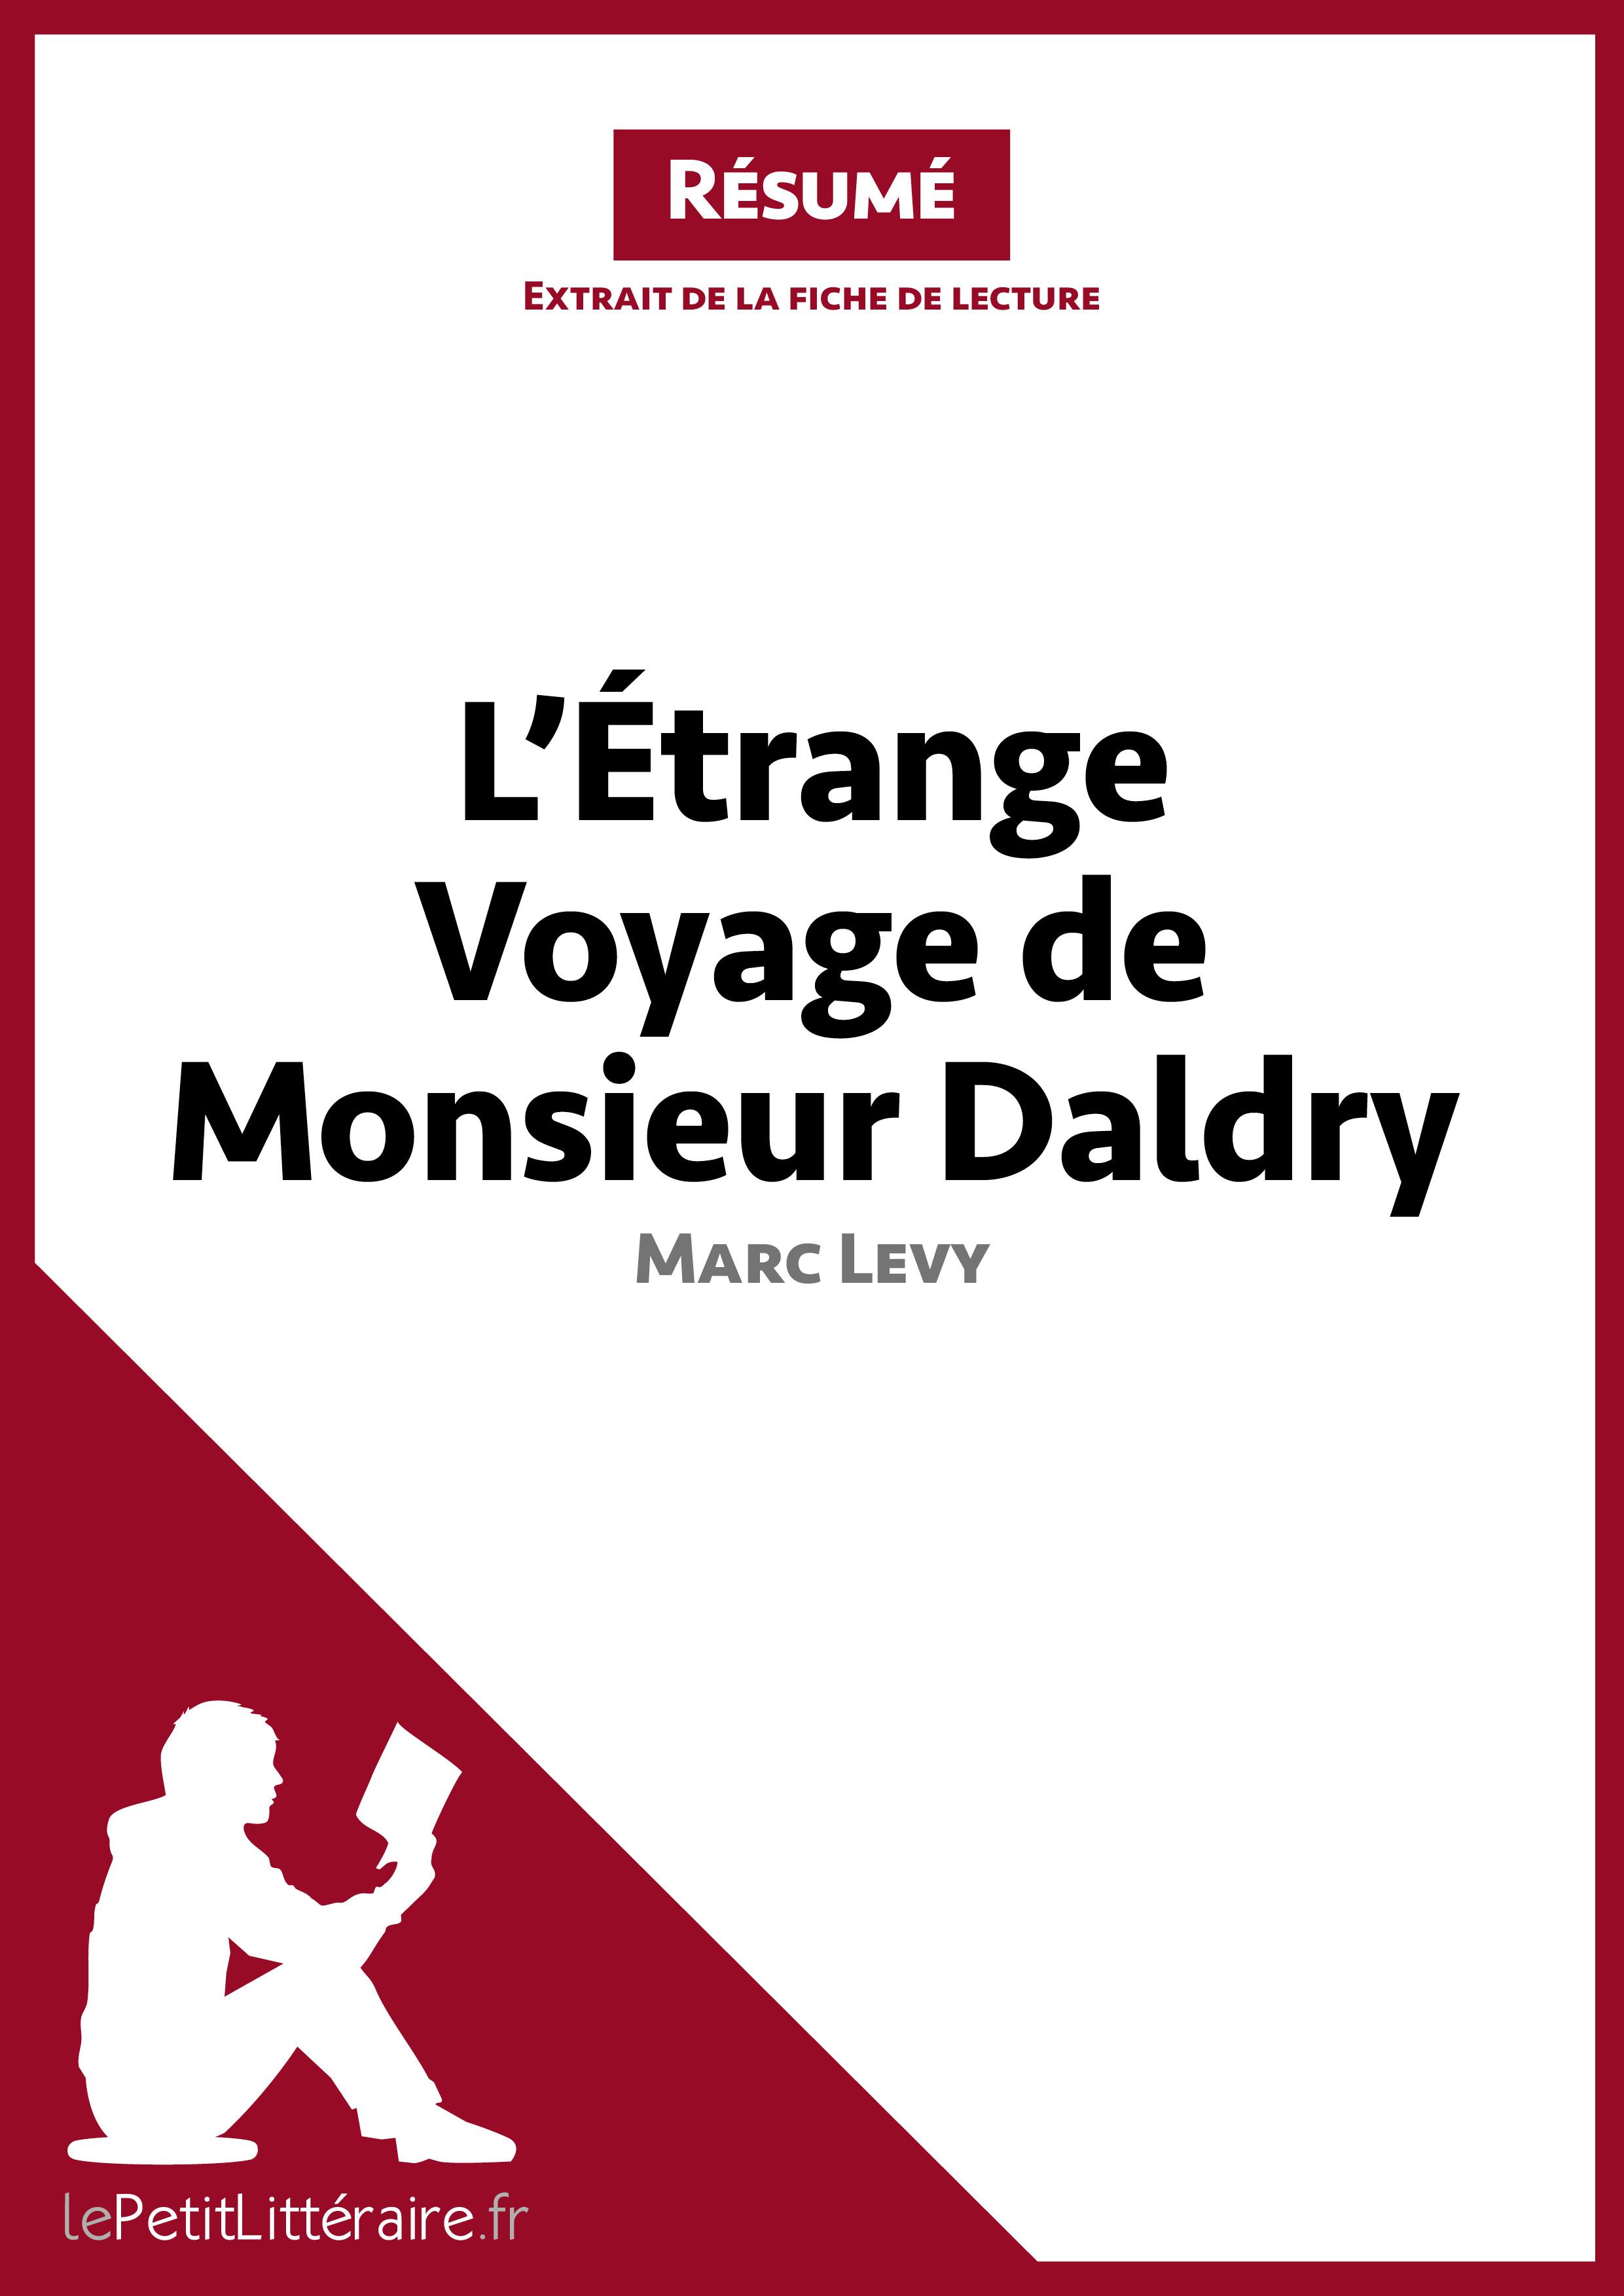 L'Etrange voyage de Monsieur Daldry